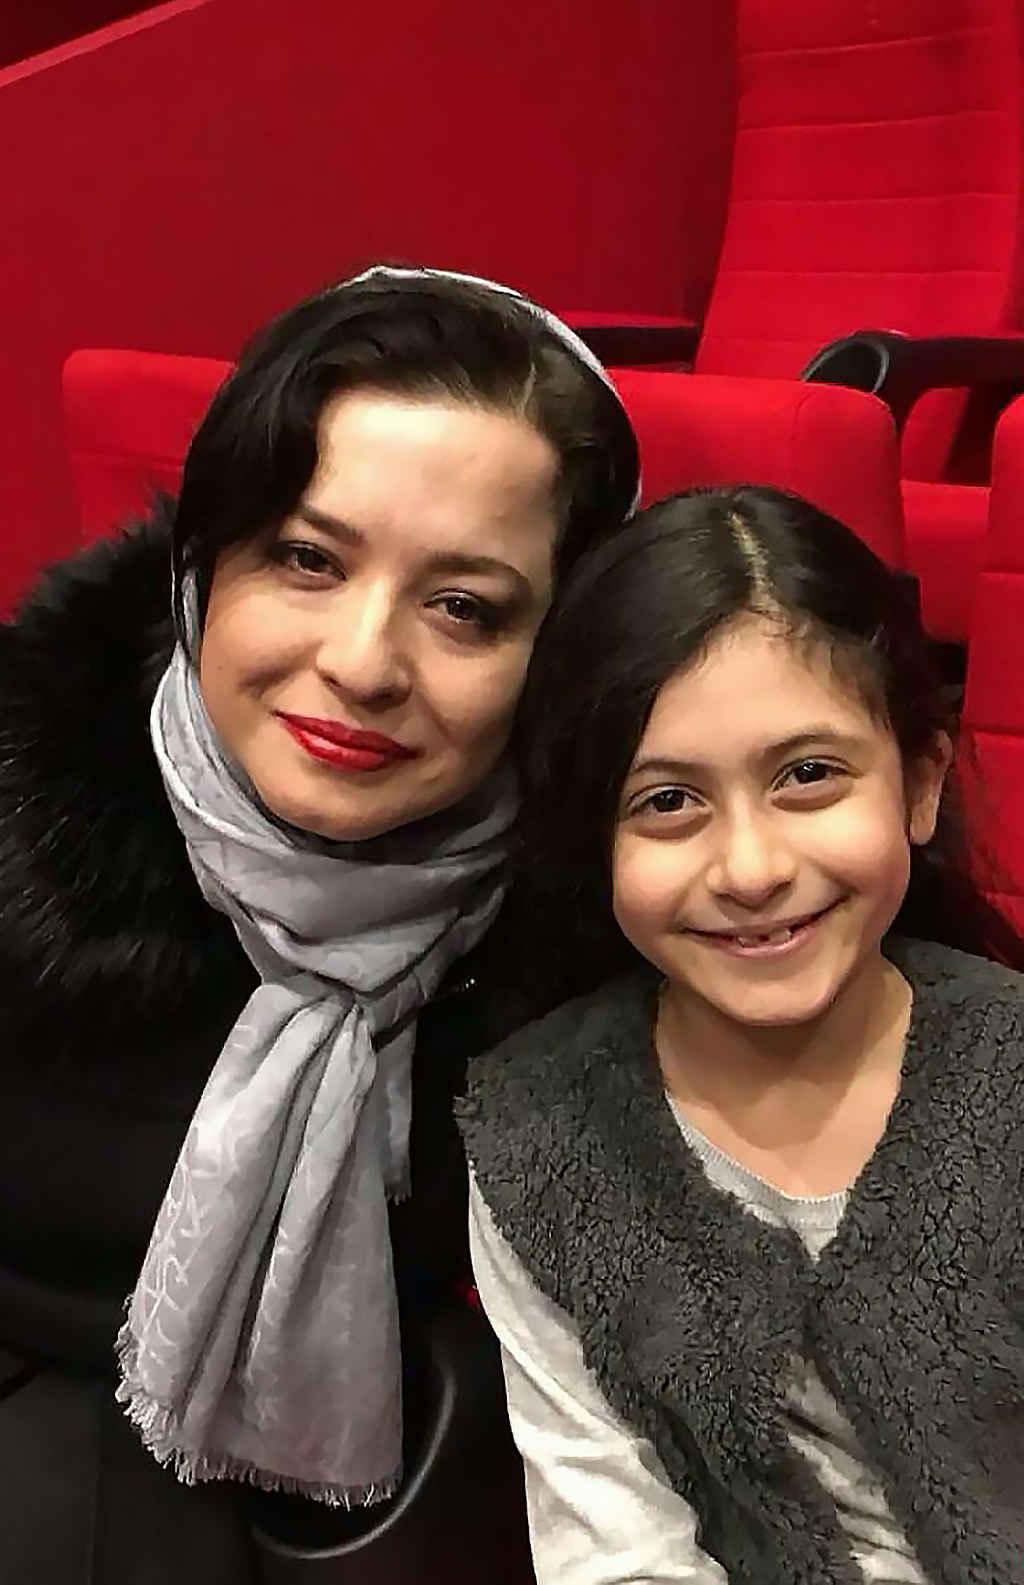 مهراوه شریفی نیا بازیگر در جشنواره فیلم فجر